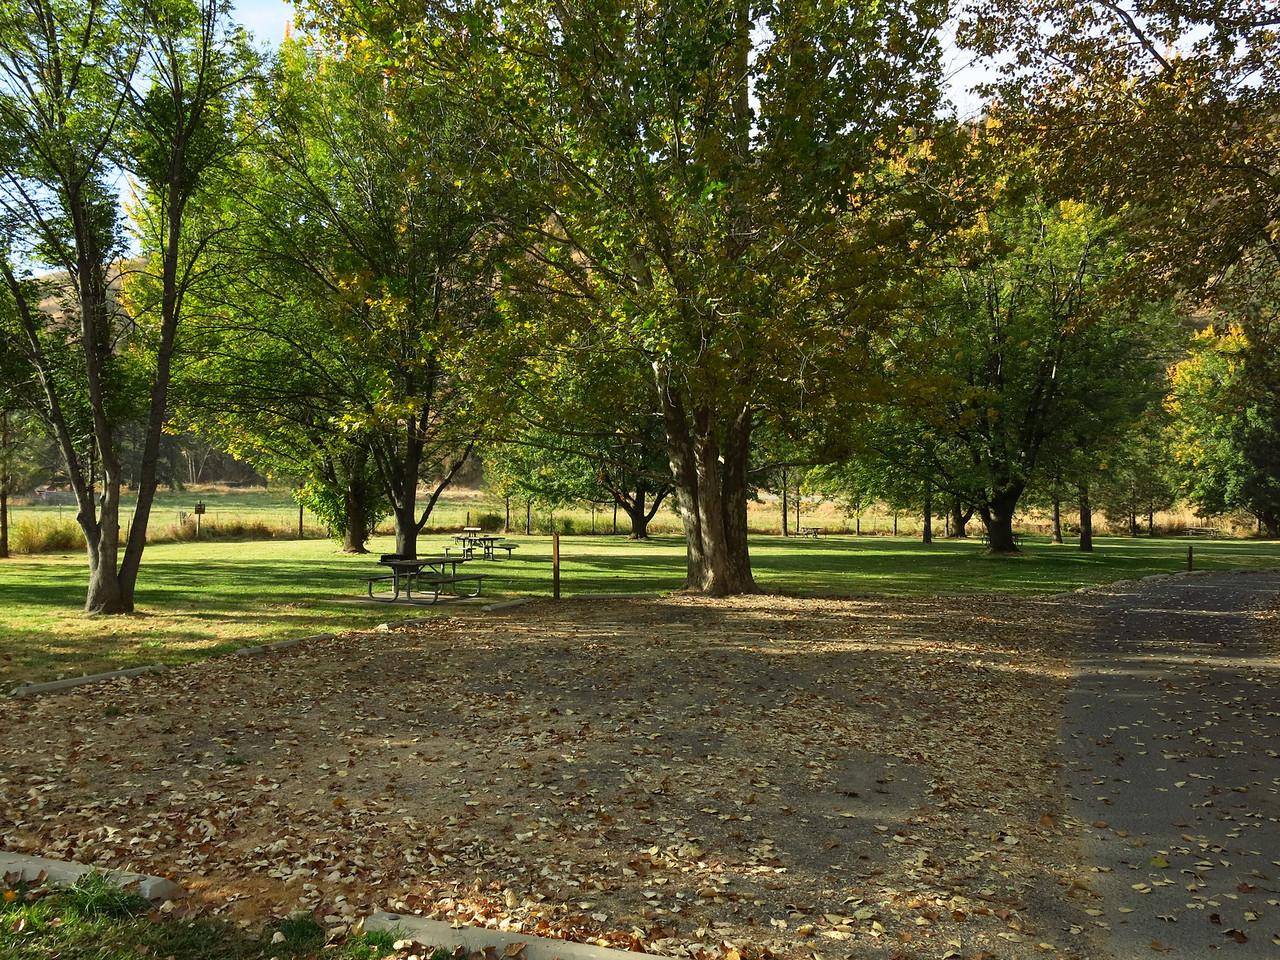 2012-10-12 EWa 002